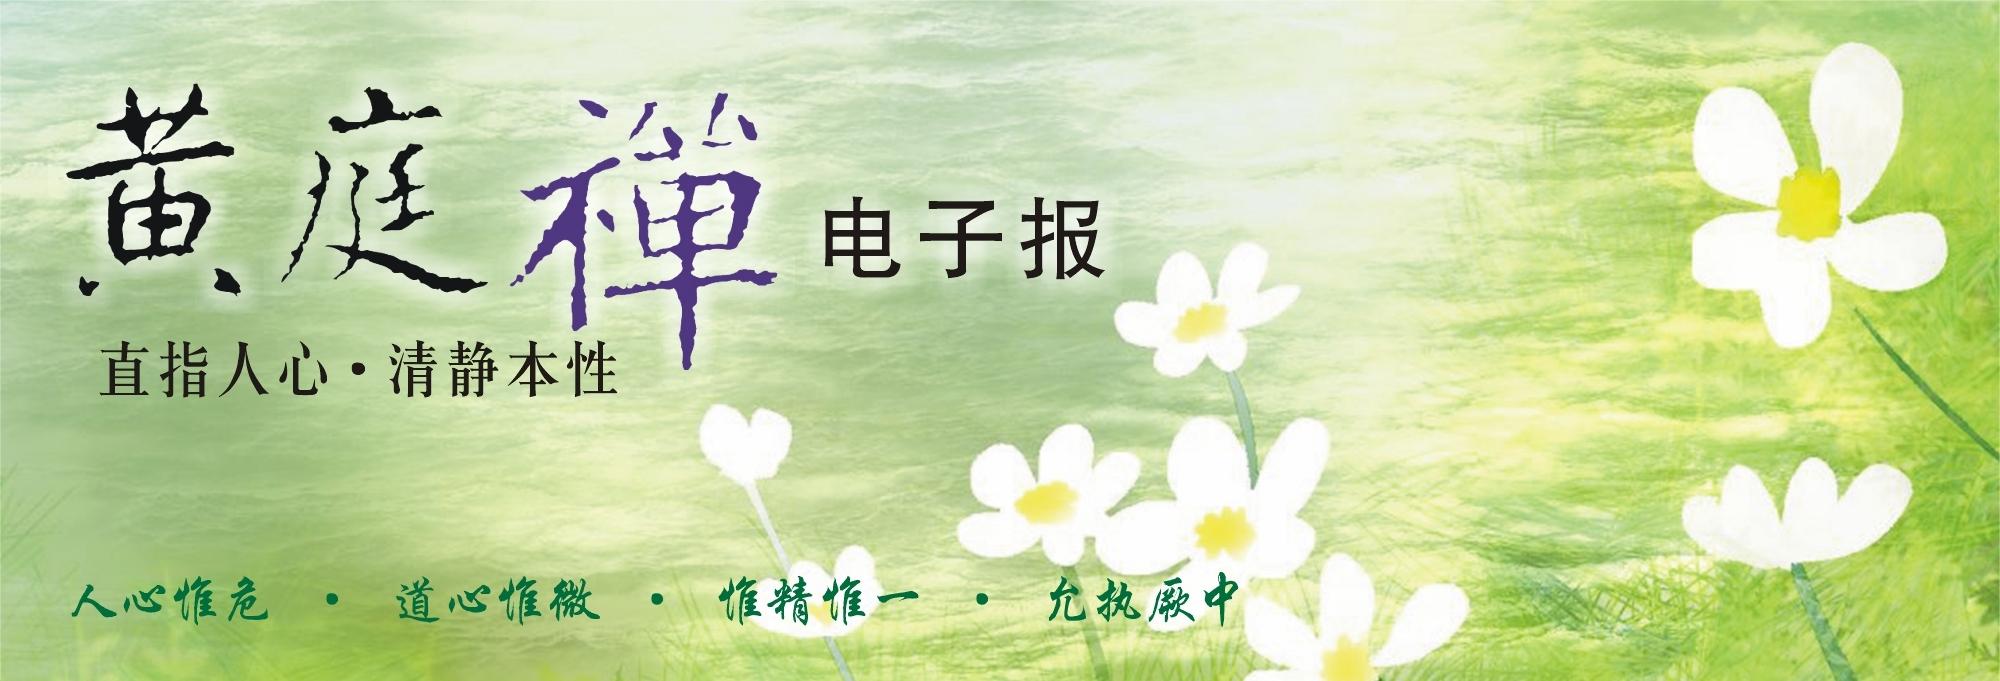 中华黄庭禅学会2021.06.11电子报